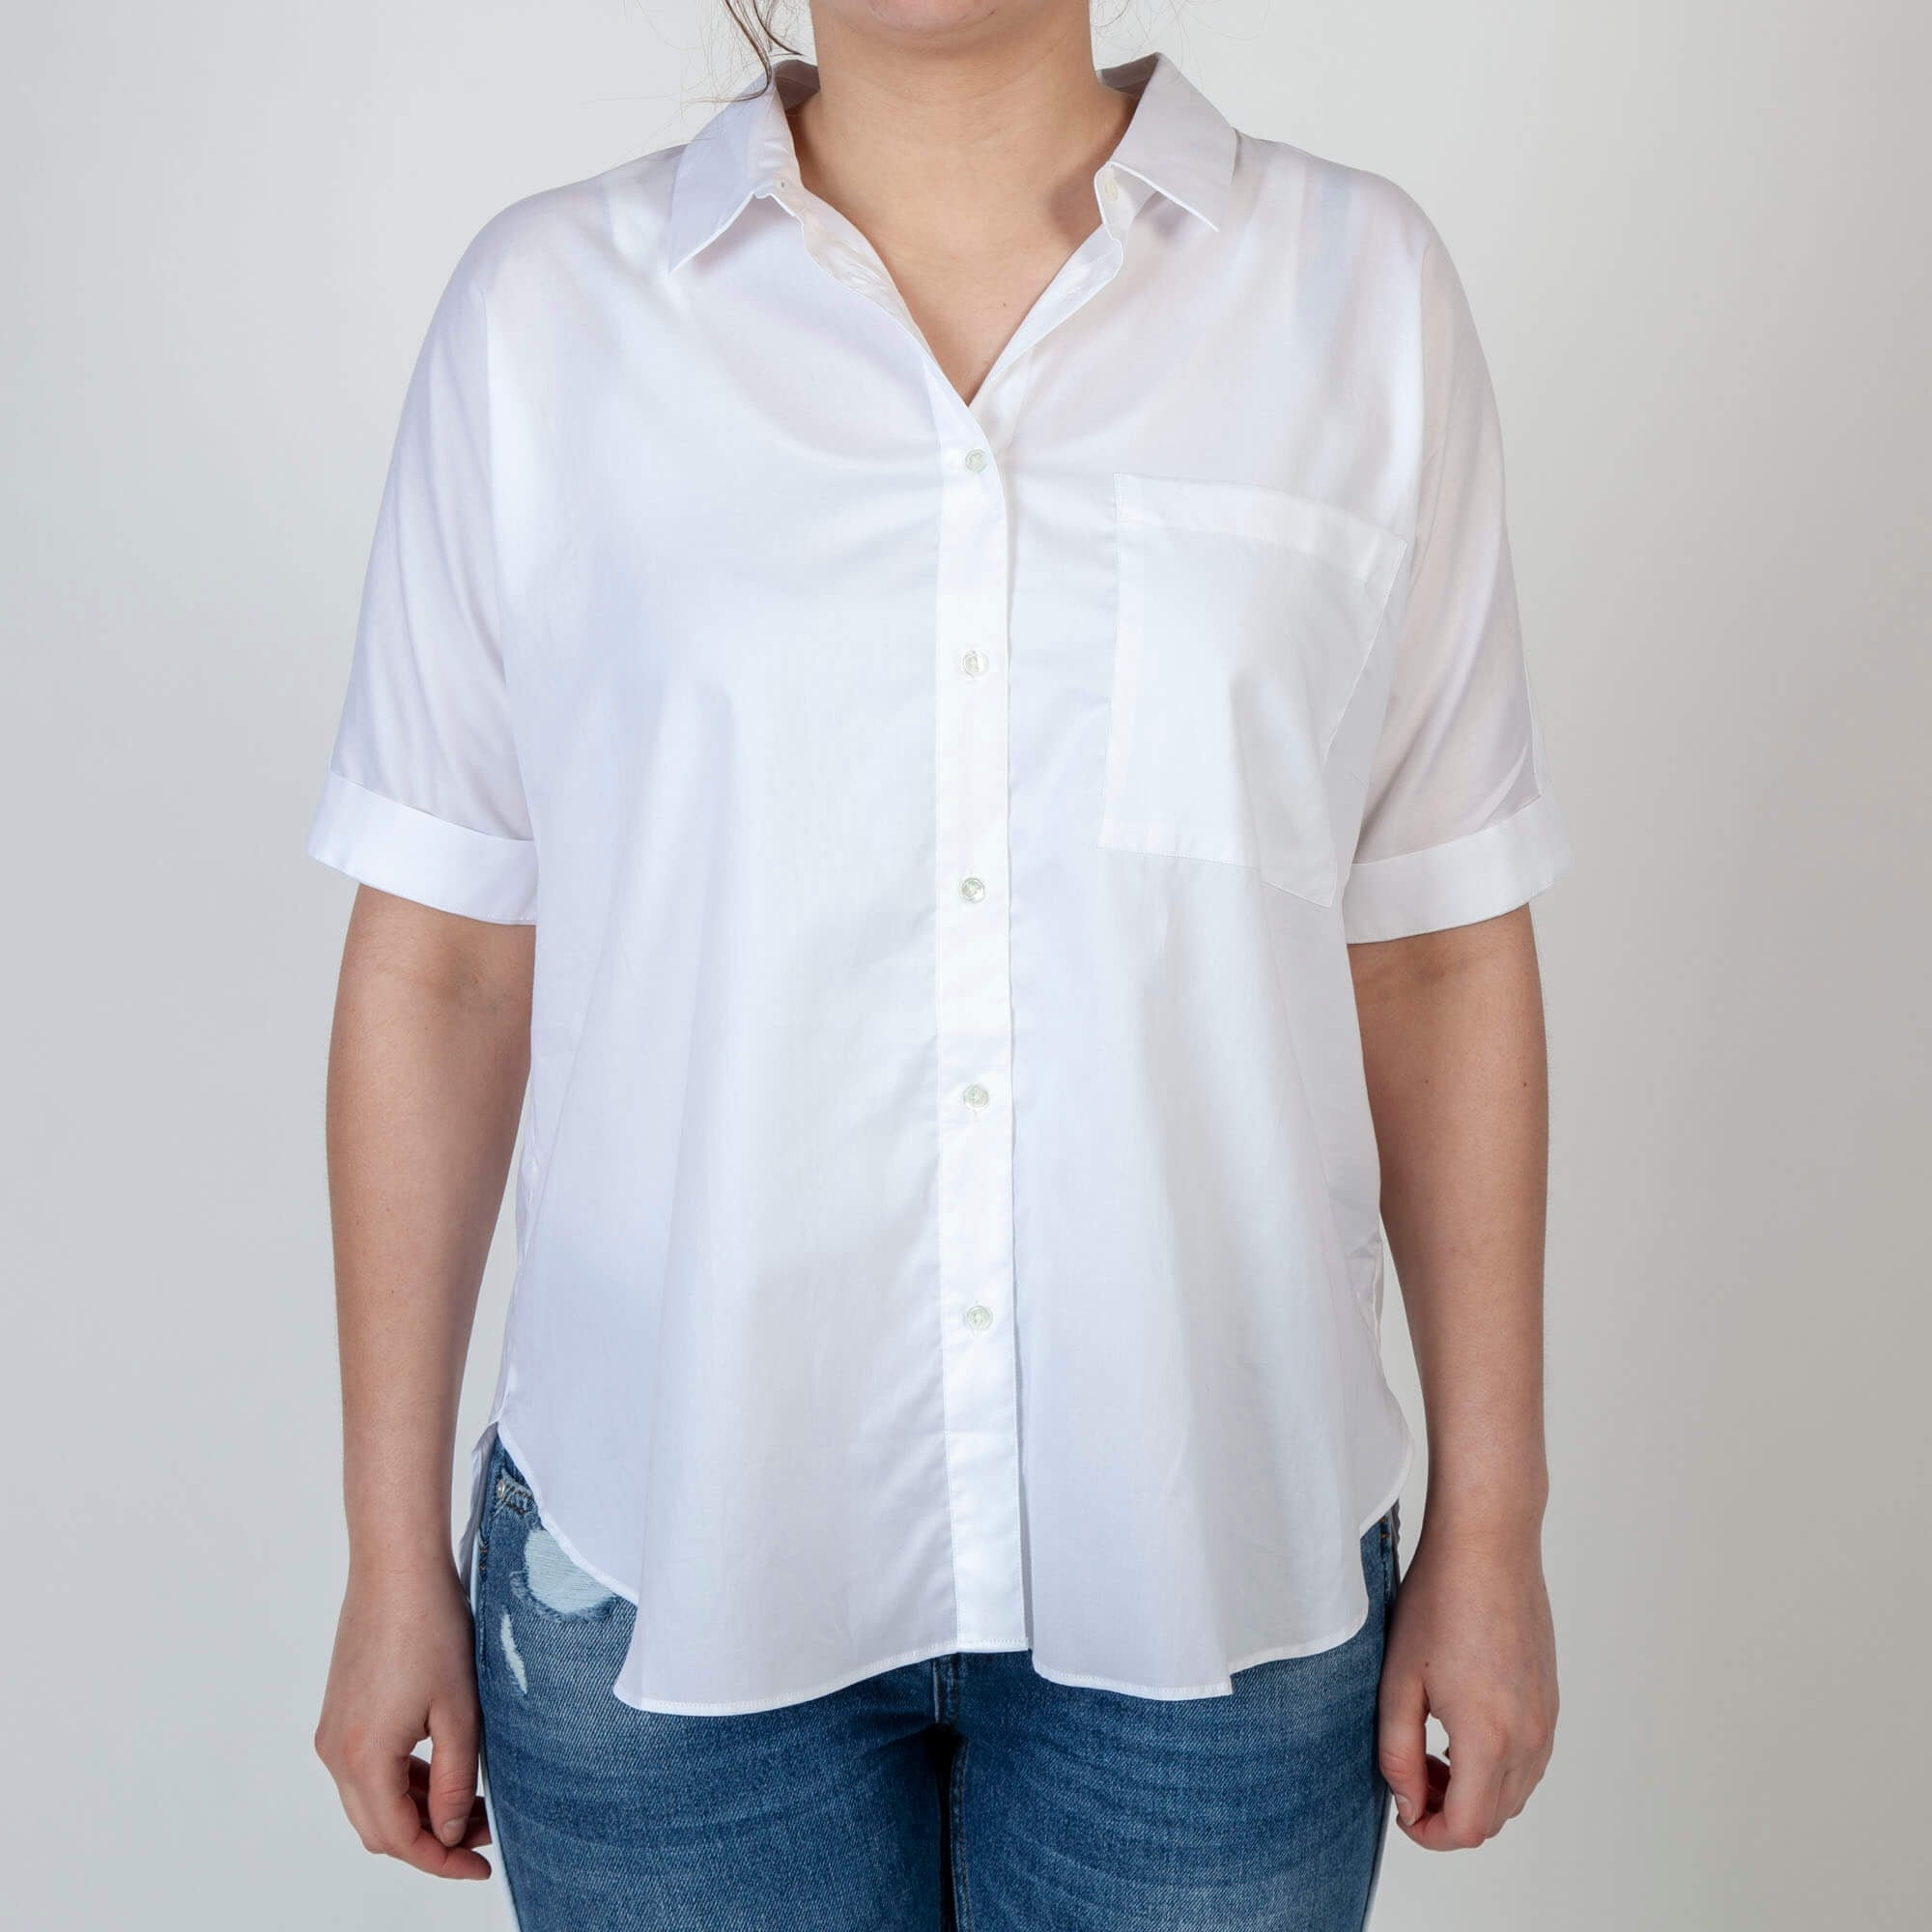 SHIRTS - Shirts Chloé Stora Cheap Genuine Kf32r